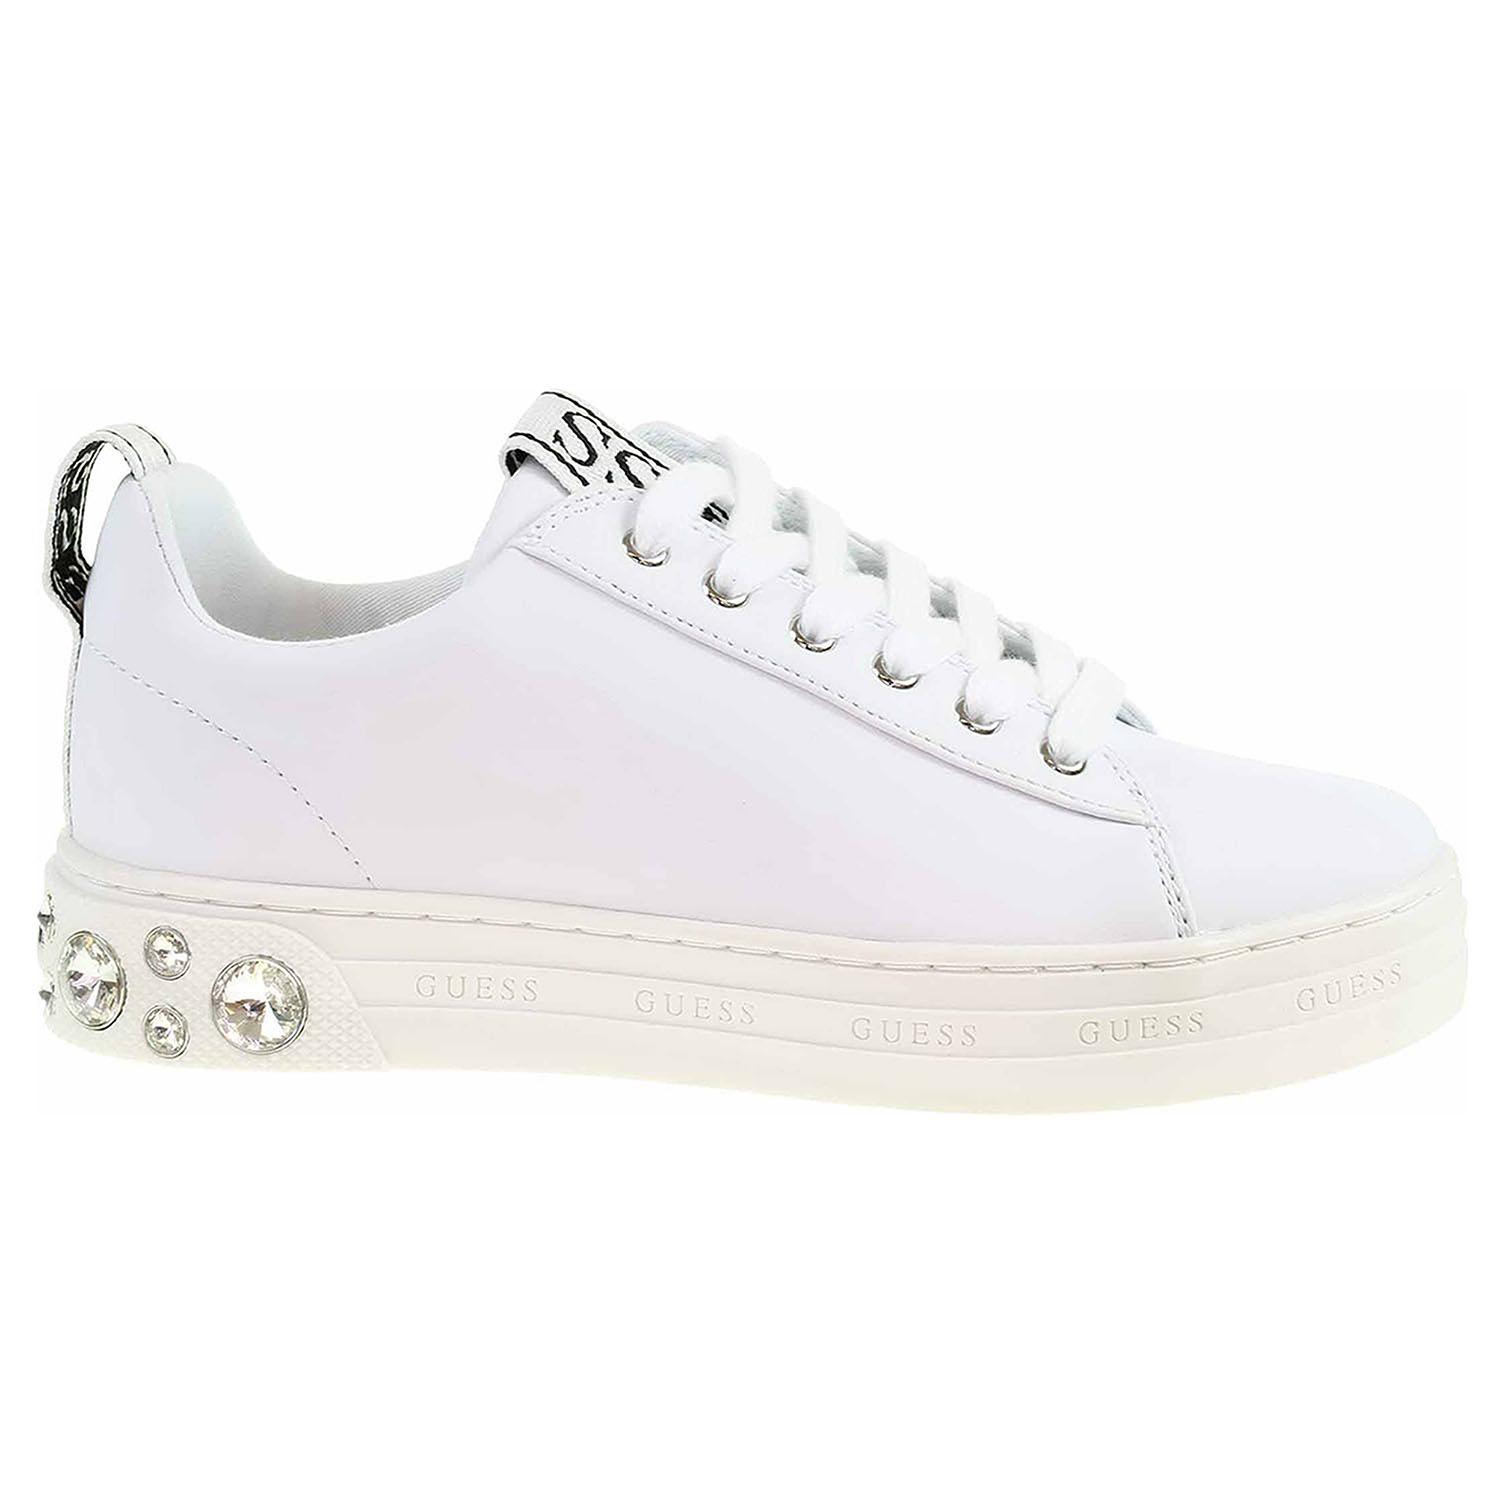 Dámská obuv Guess Rivet white FL7RITELE12 white 37